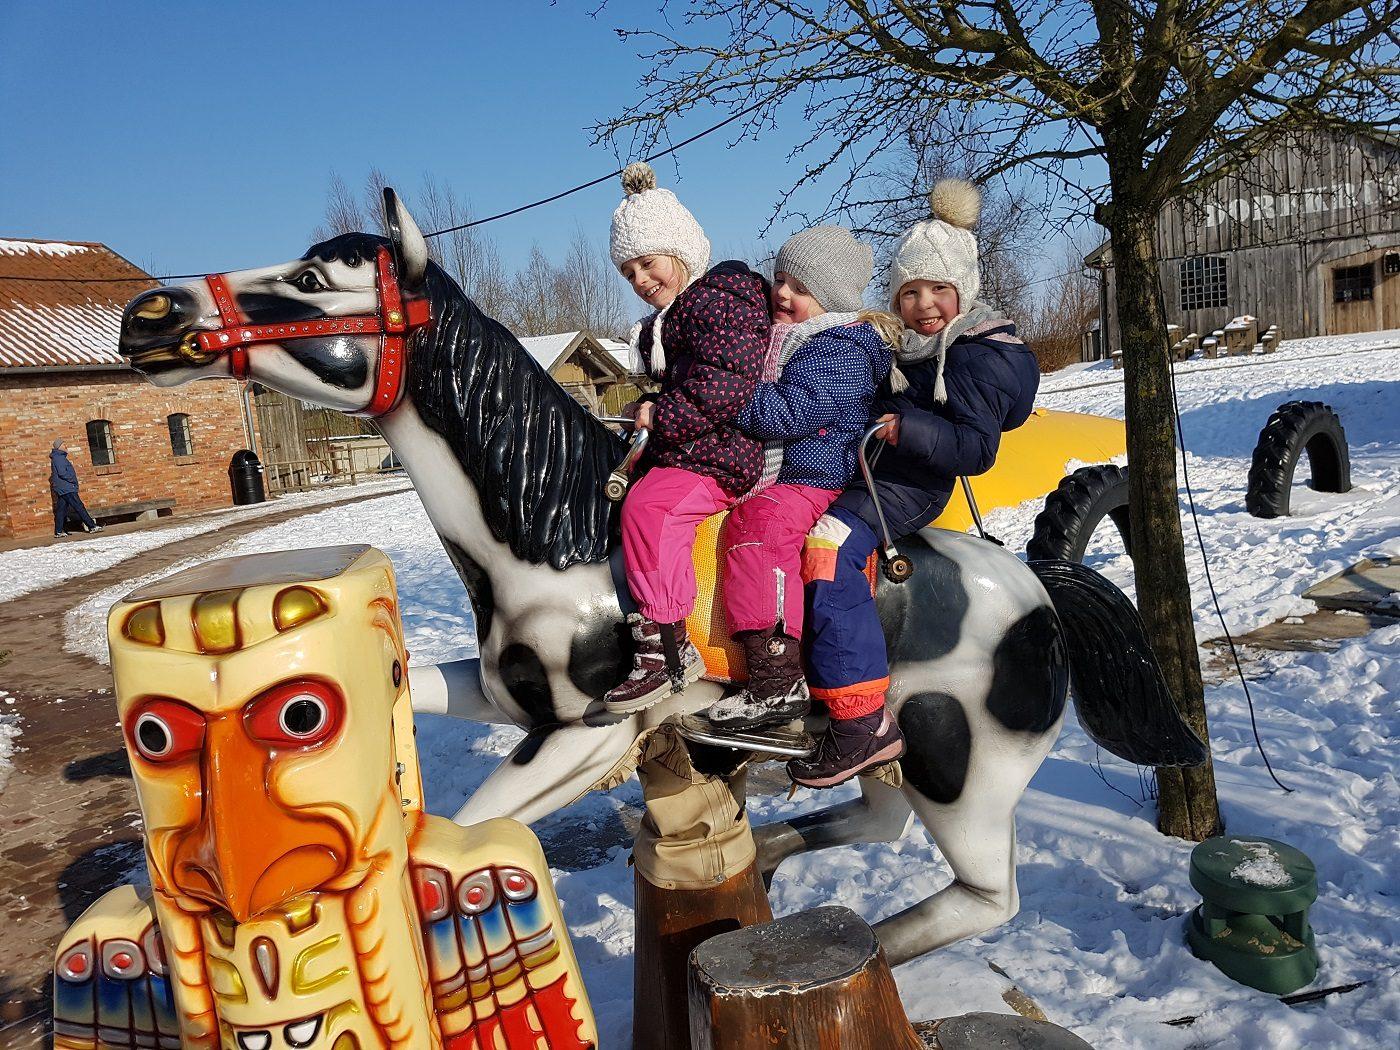 Karls Erlebnis-Dorf Pferd